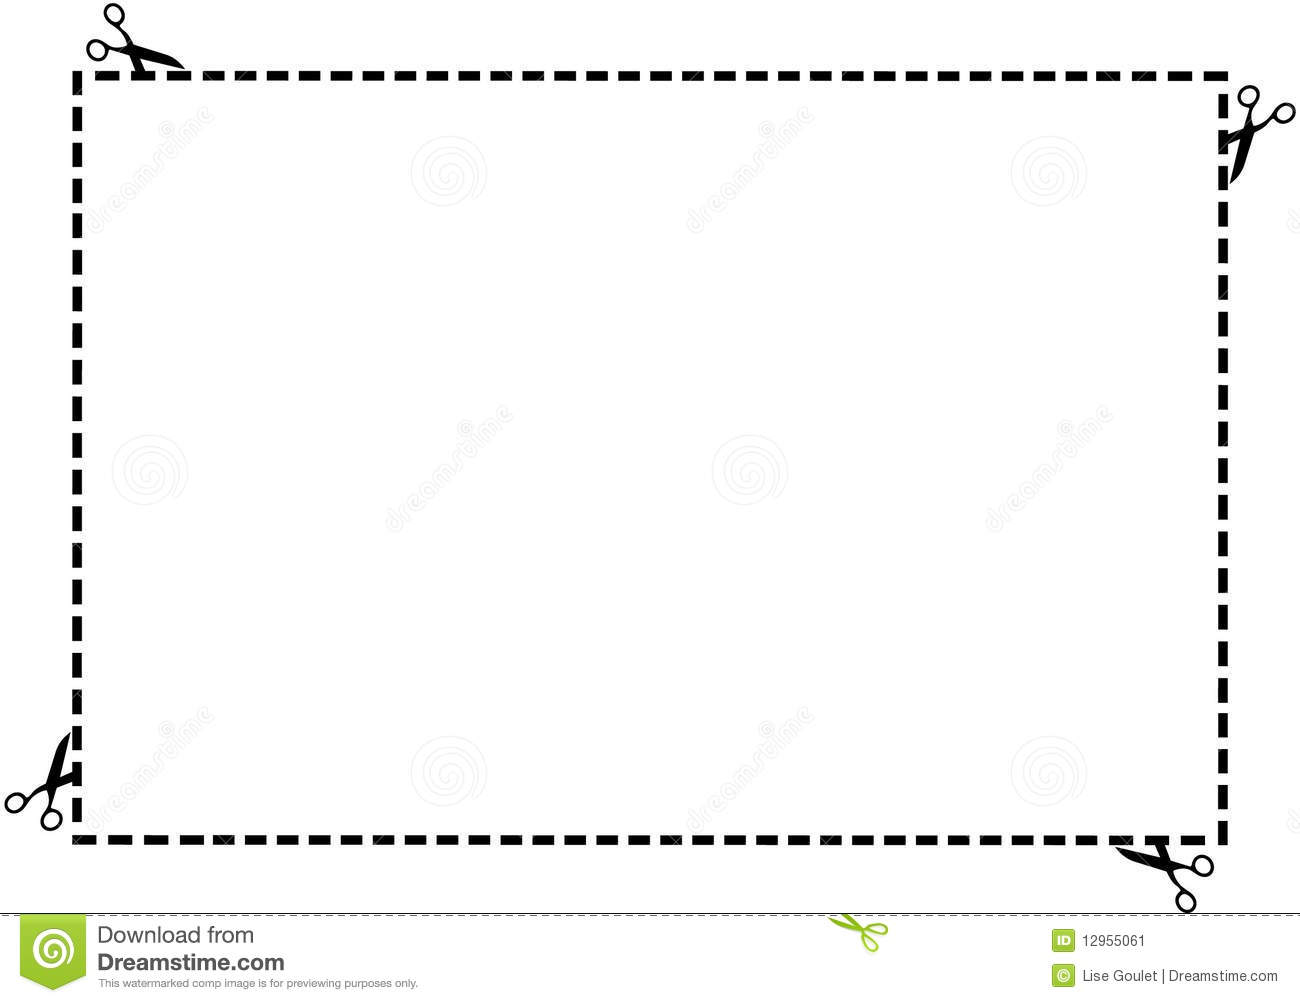 Как сделать пунктир в иллюстраторе